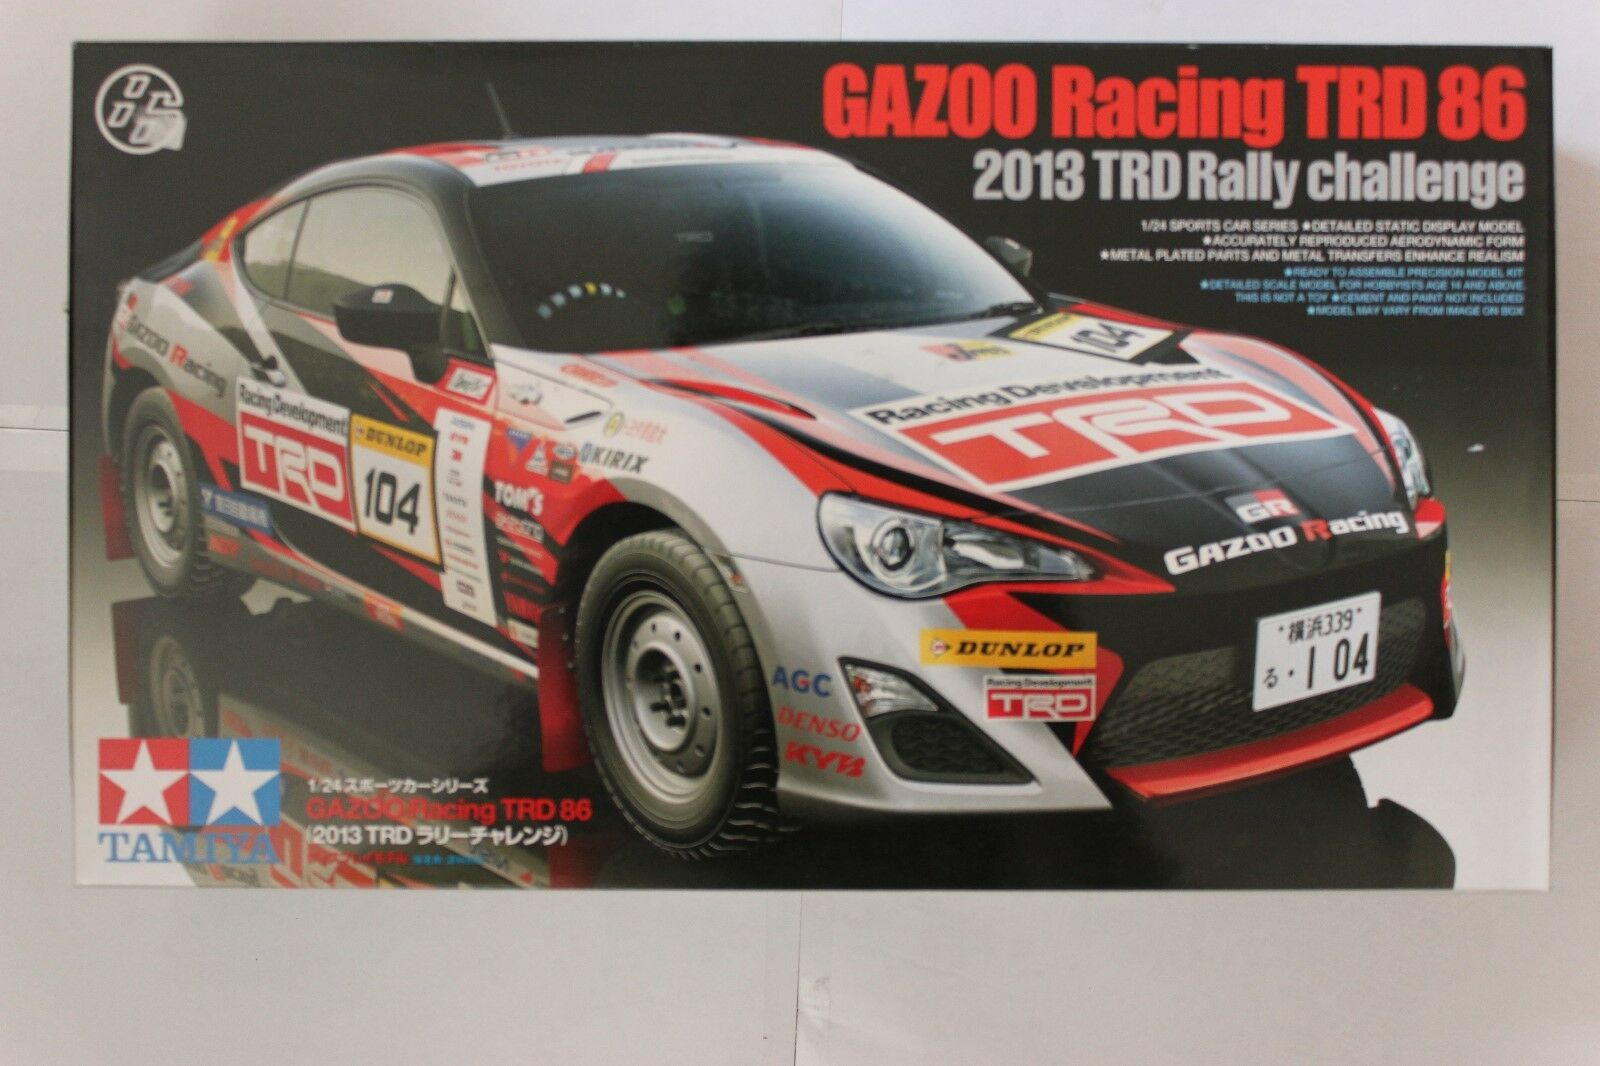 TAMIYA 24337 Gazoo Racing Toyota TRD 86 1 24 Car Model Kit